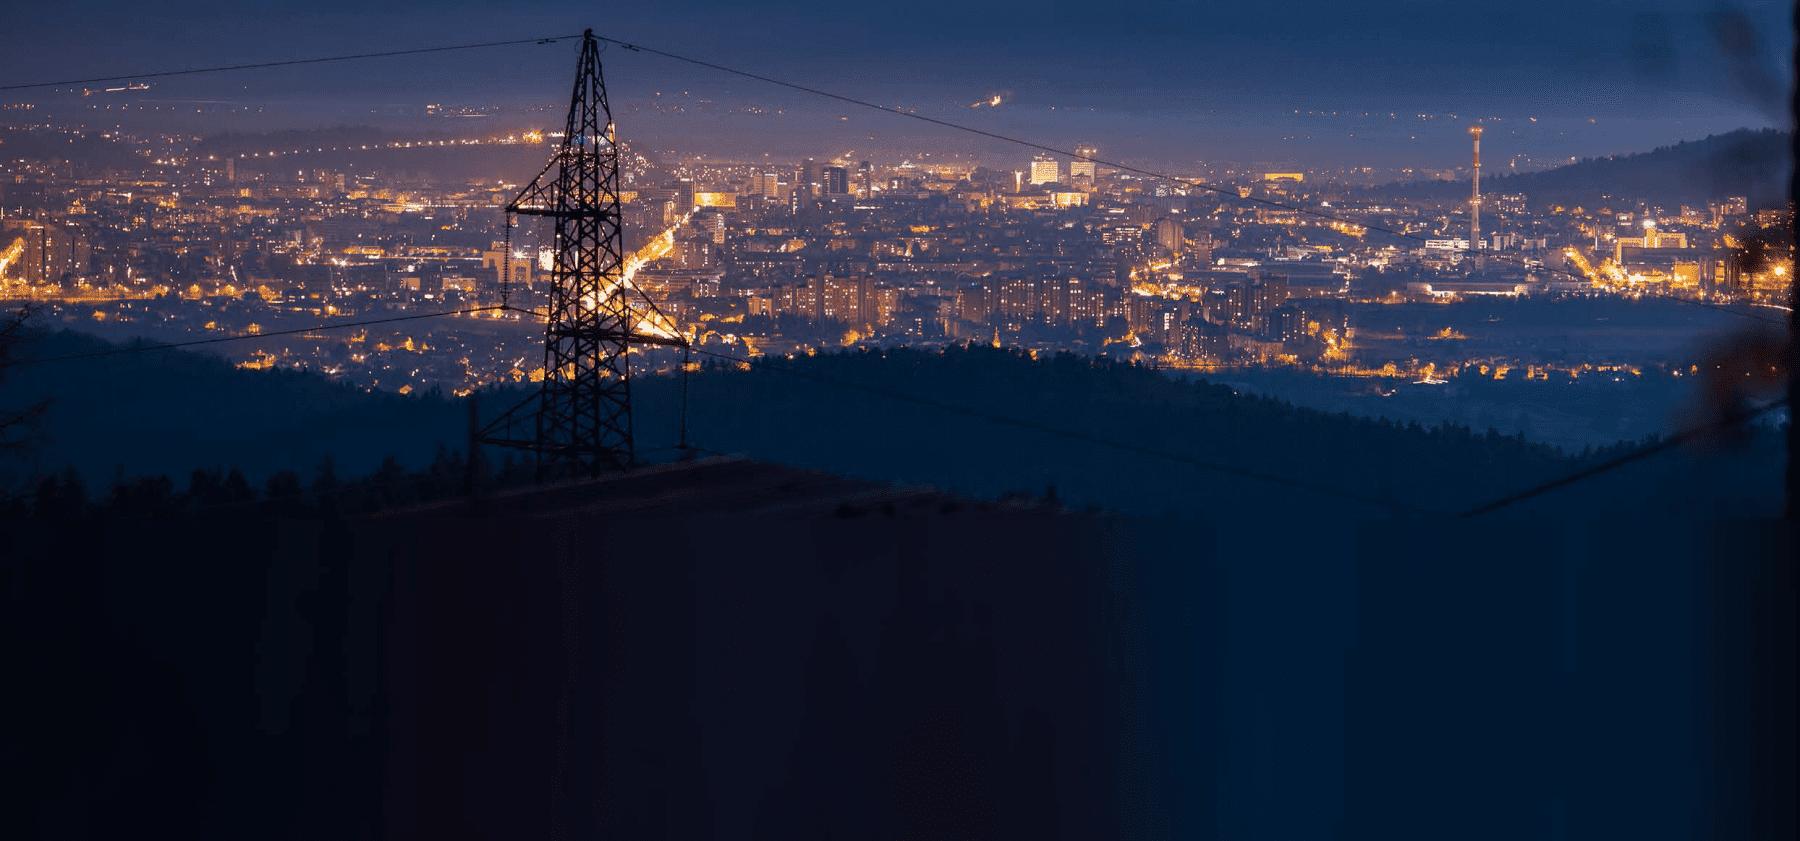 power quality landscape